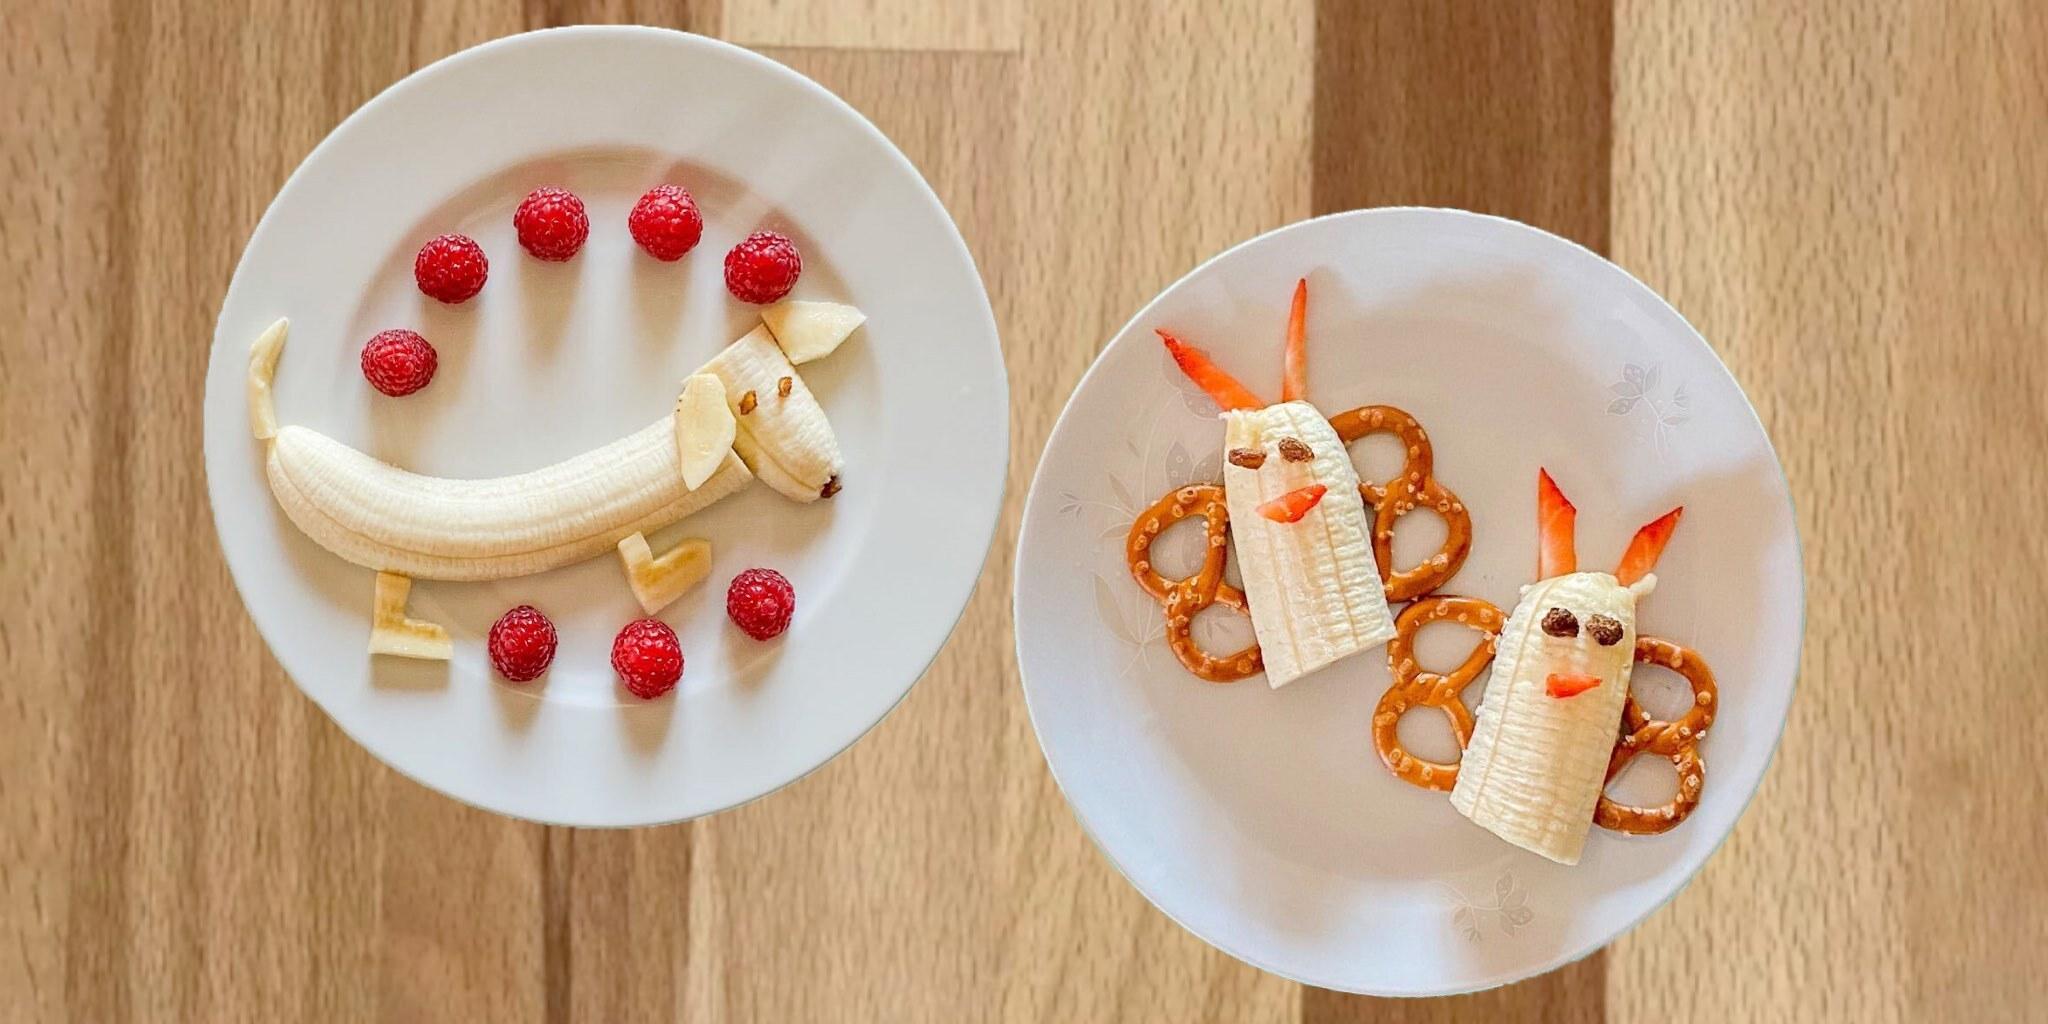 Få barna dine til å spise frukt med disse banandyrene